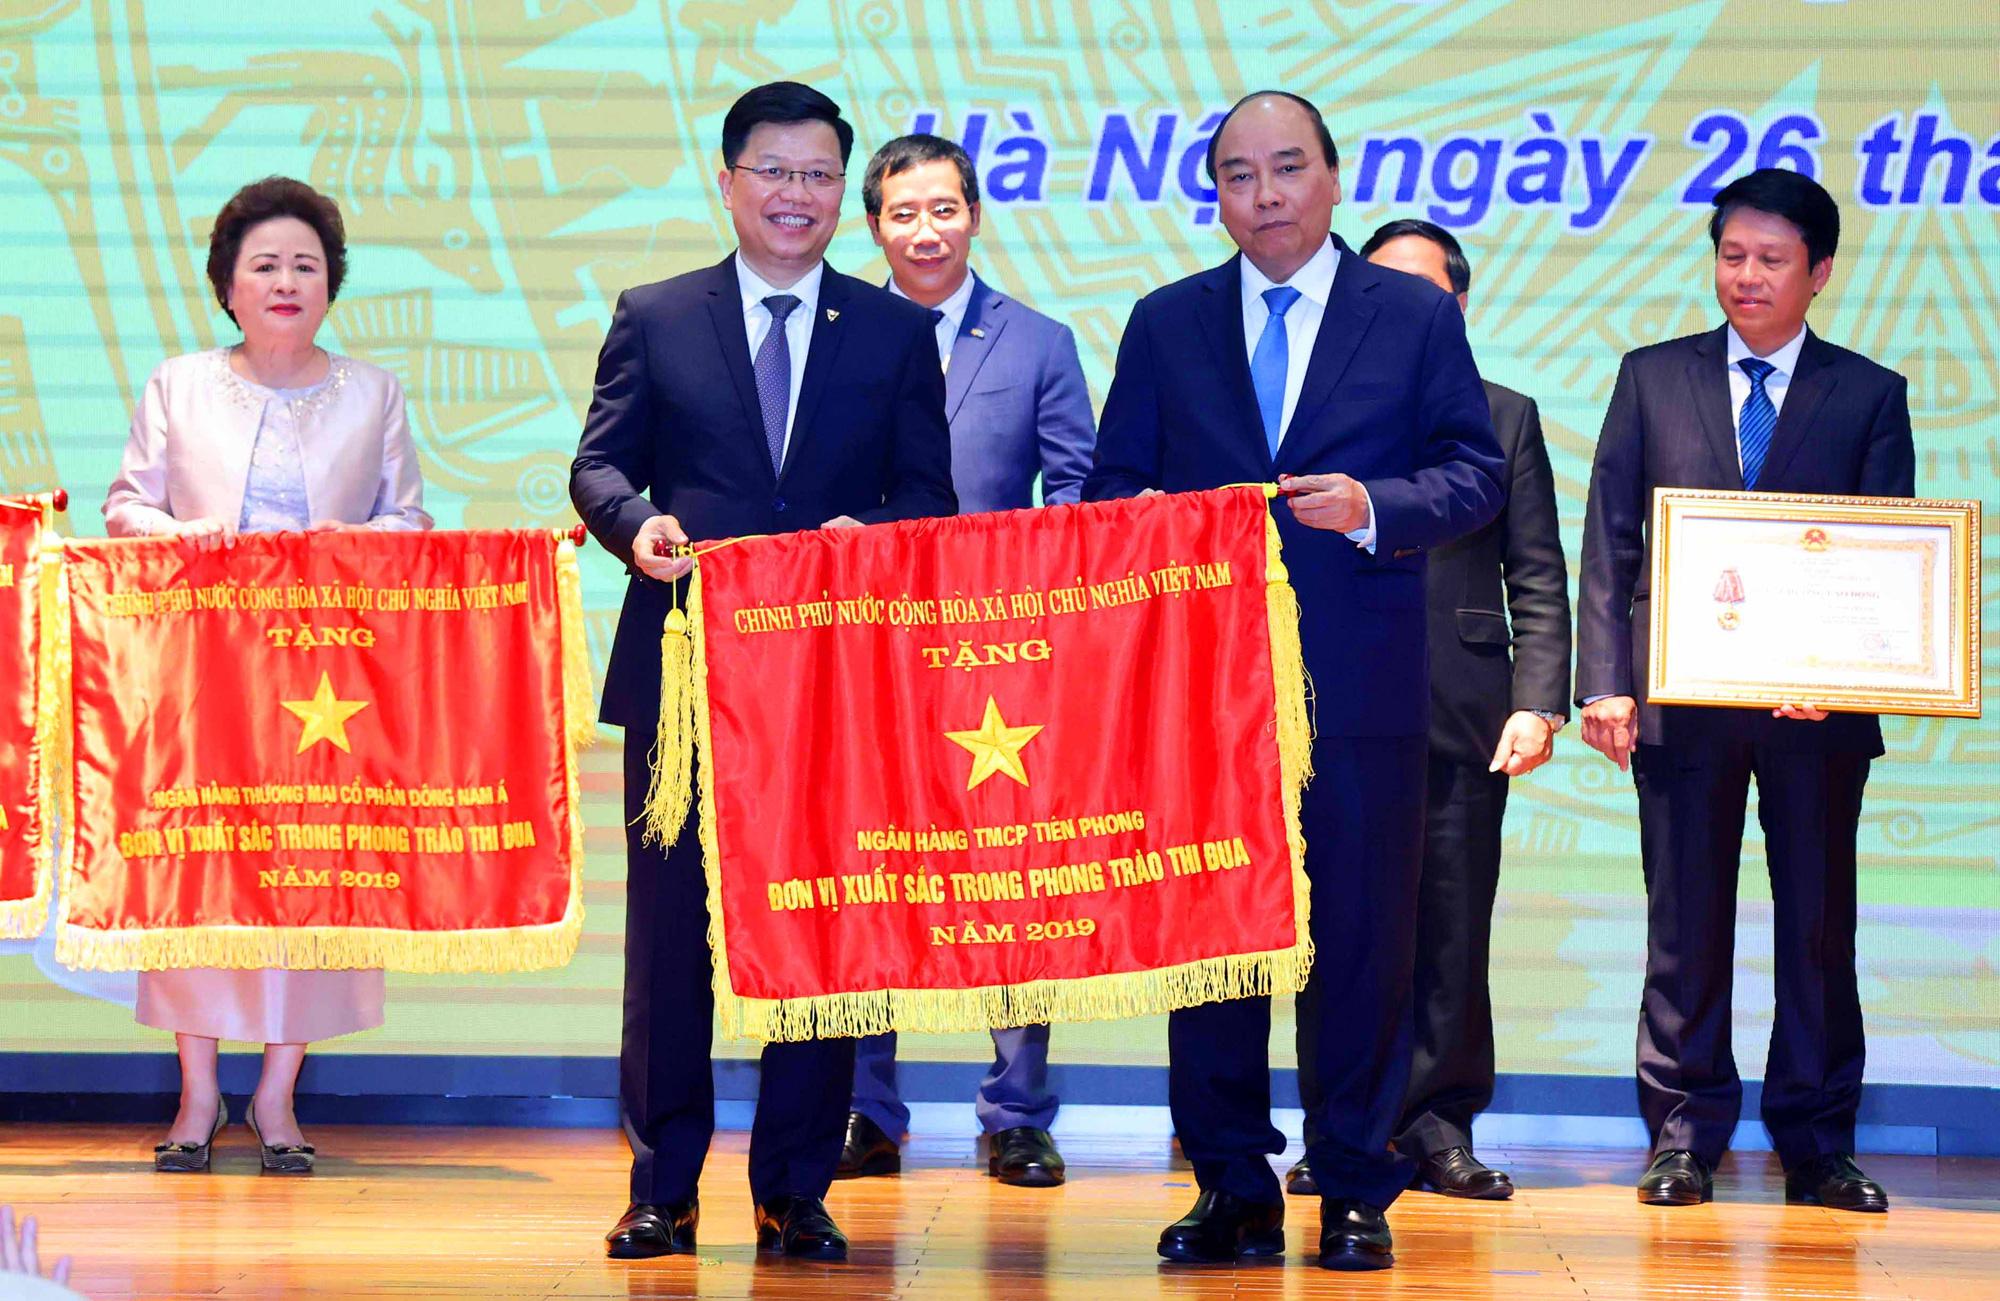 TPBank vinh dự đón nhận cờ thi đua của Chính phủ - Ảnh 1.